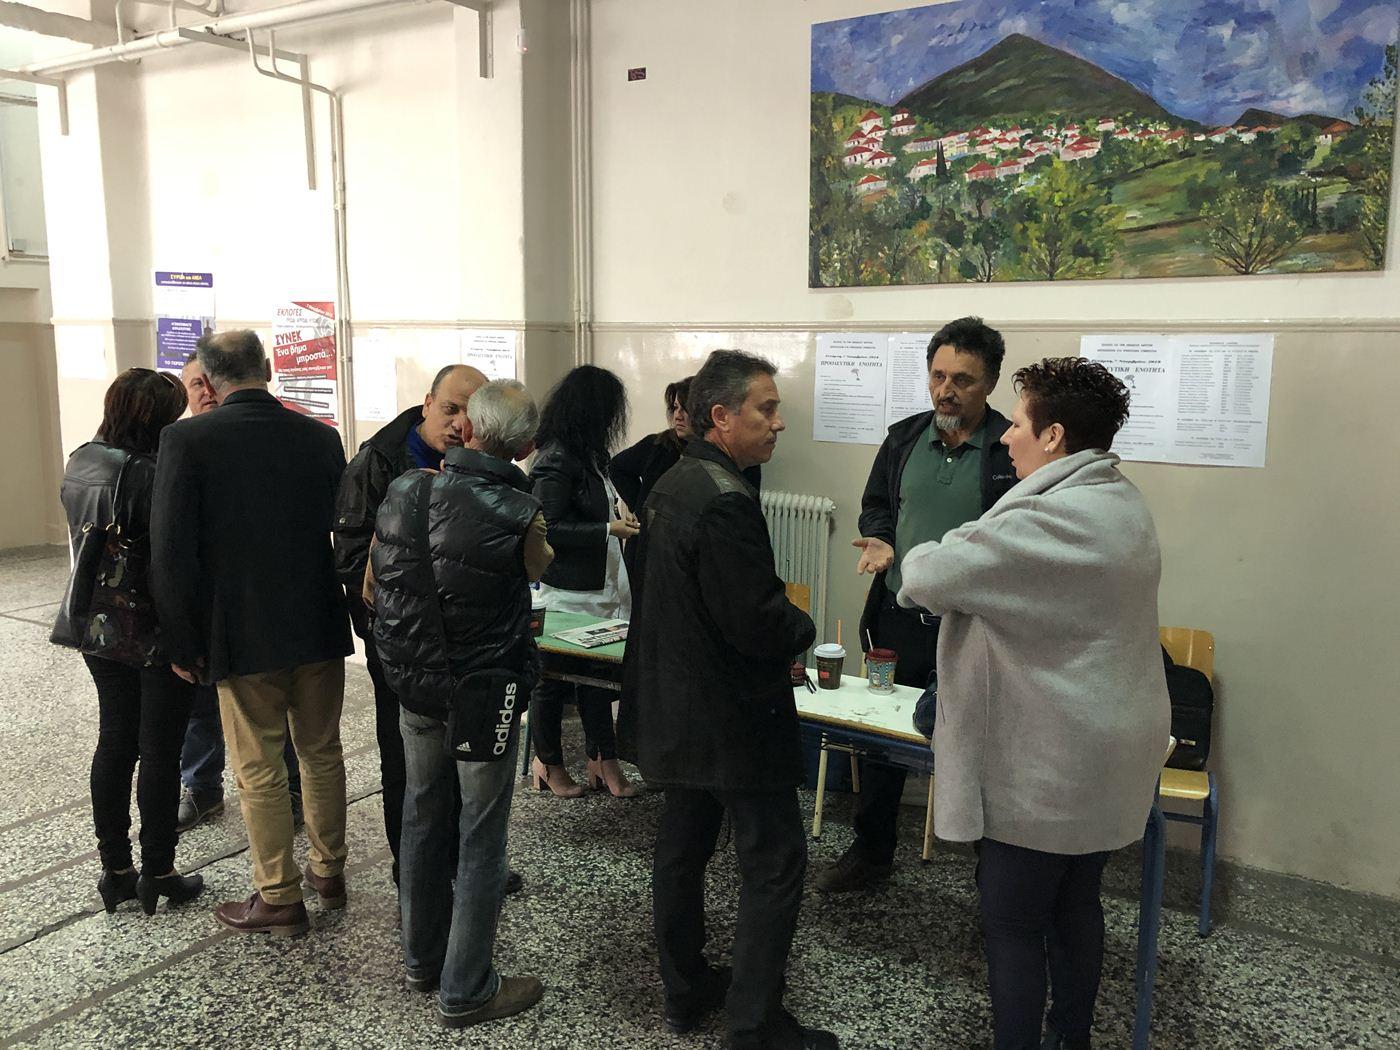 Ικανοποιητική η συμμετοχή στις εκλογές δασκάλων και καθηγητών στη Λάρισα - Δείτε φωτογραφίες